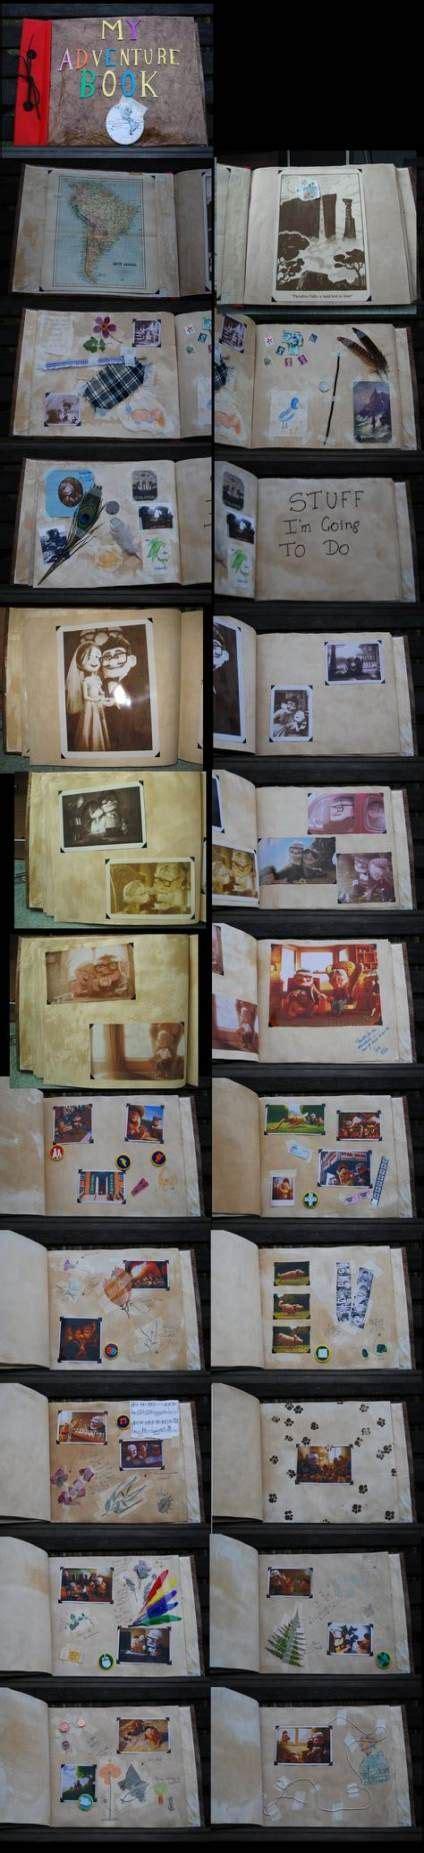 ideas diy art book kids life diy book  images